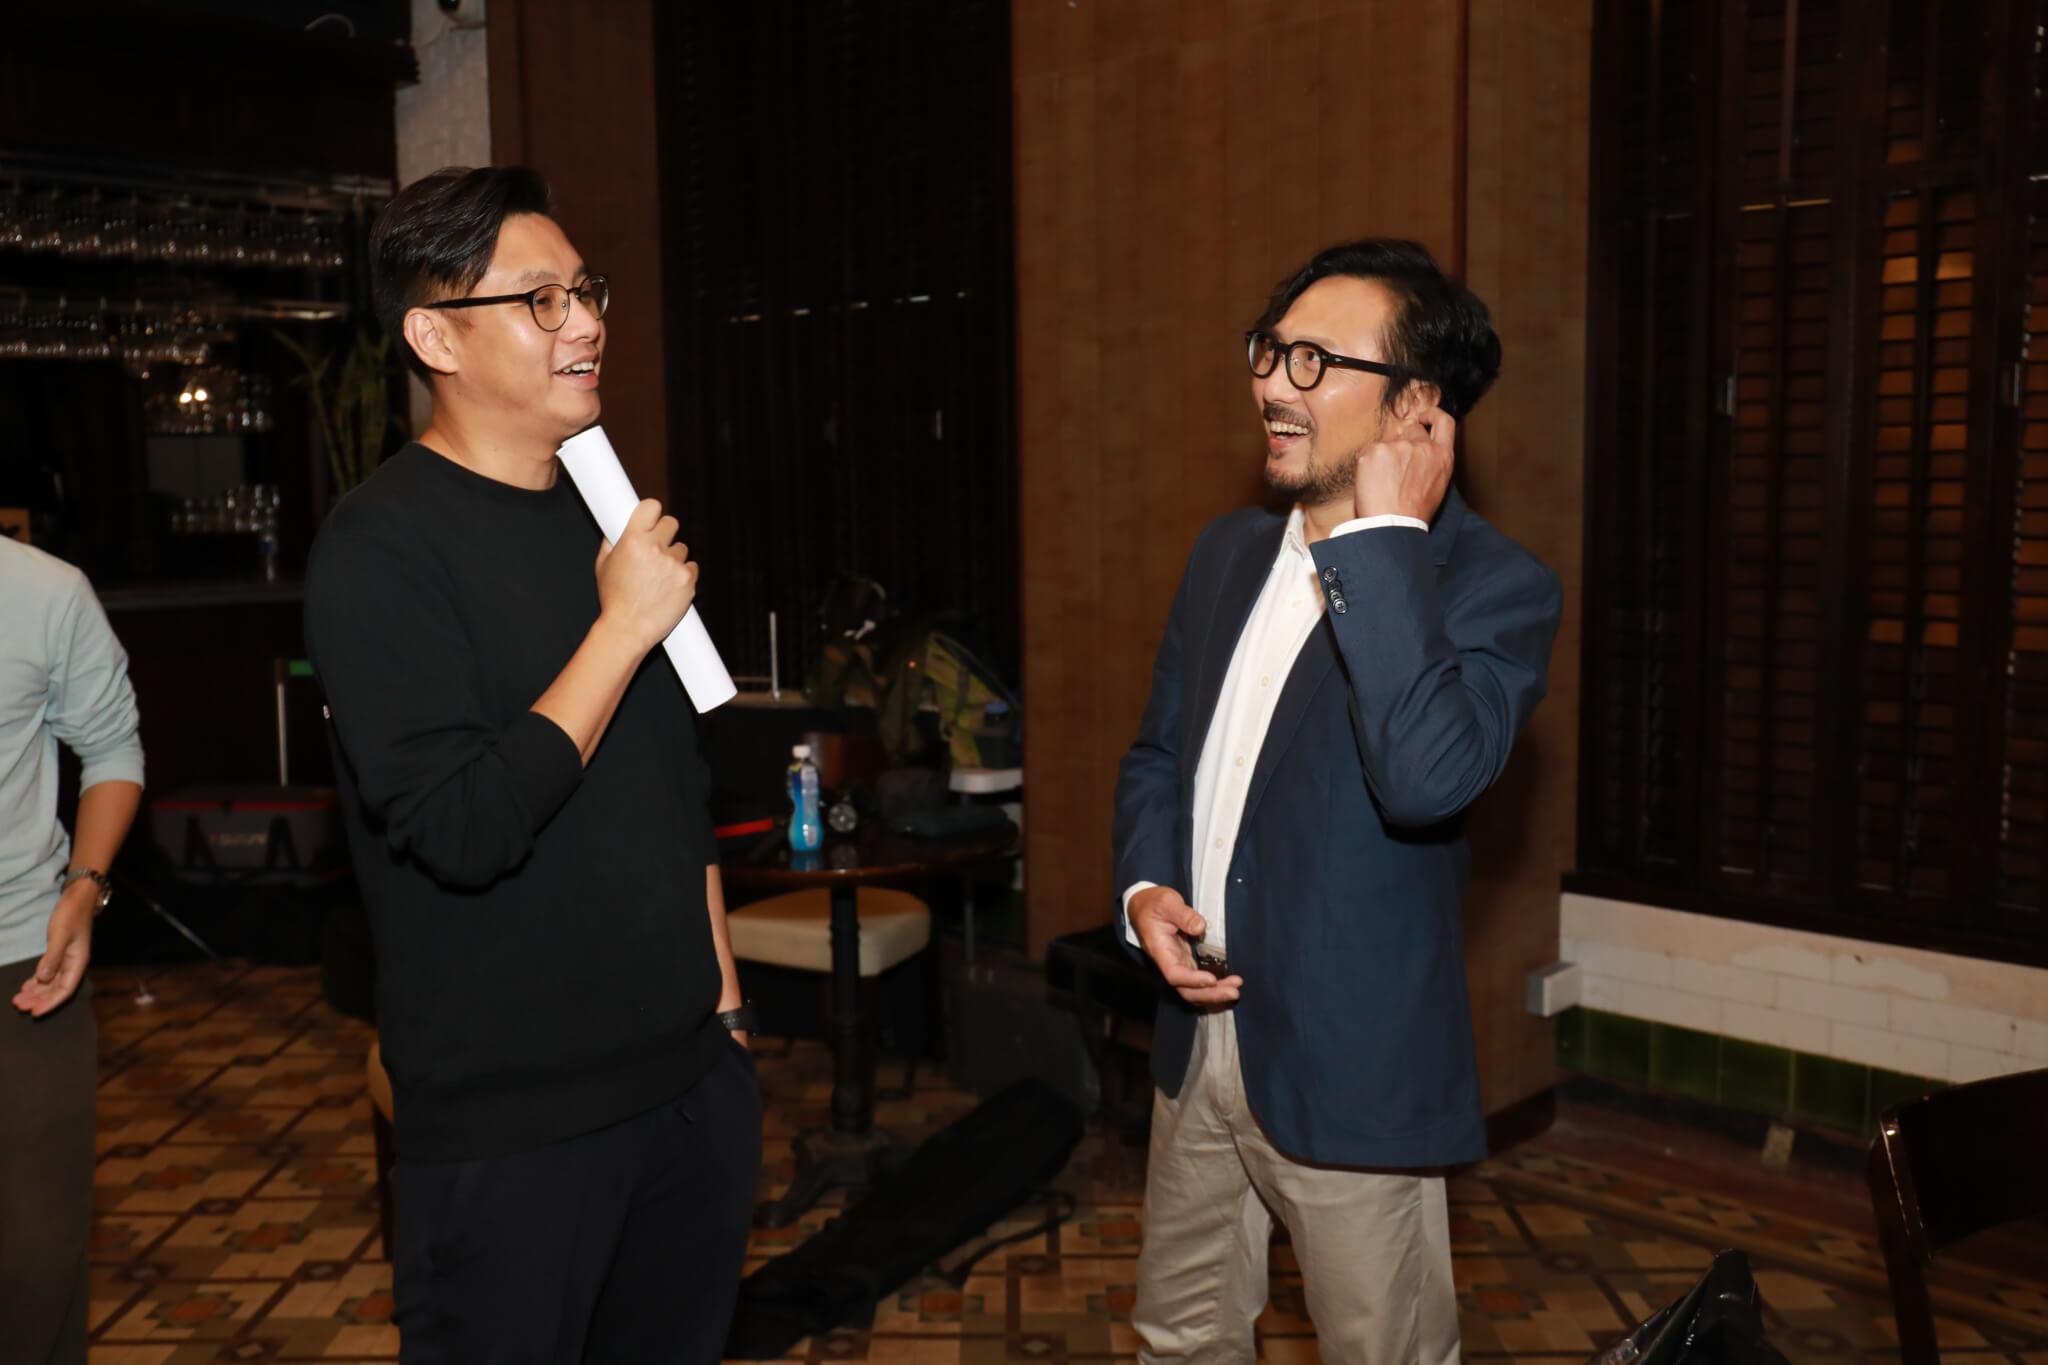 潘燦良說今次參與完全是因為這個組合,他和導演劉偉恒合力成功整喊Gigi。